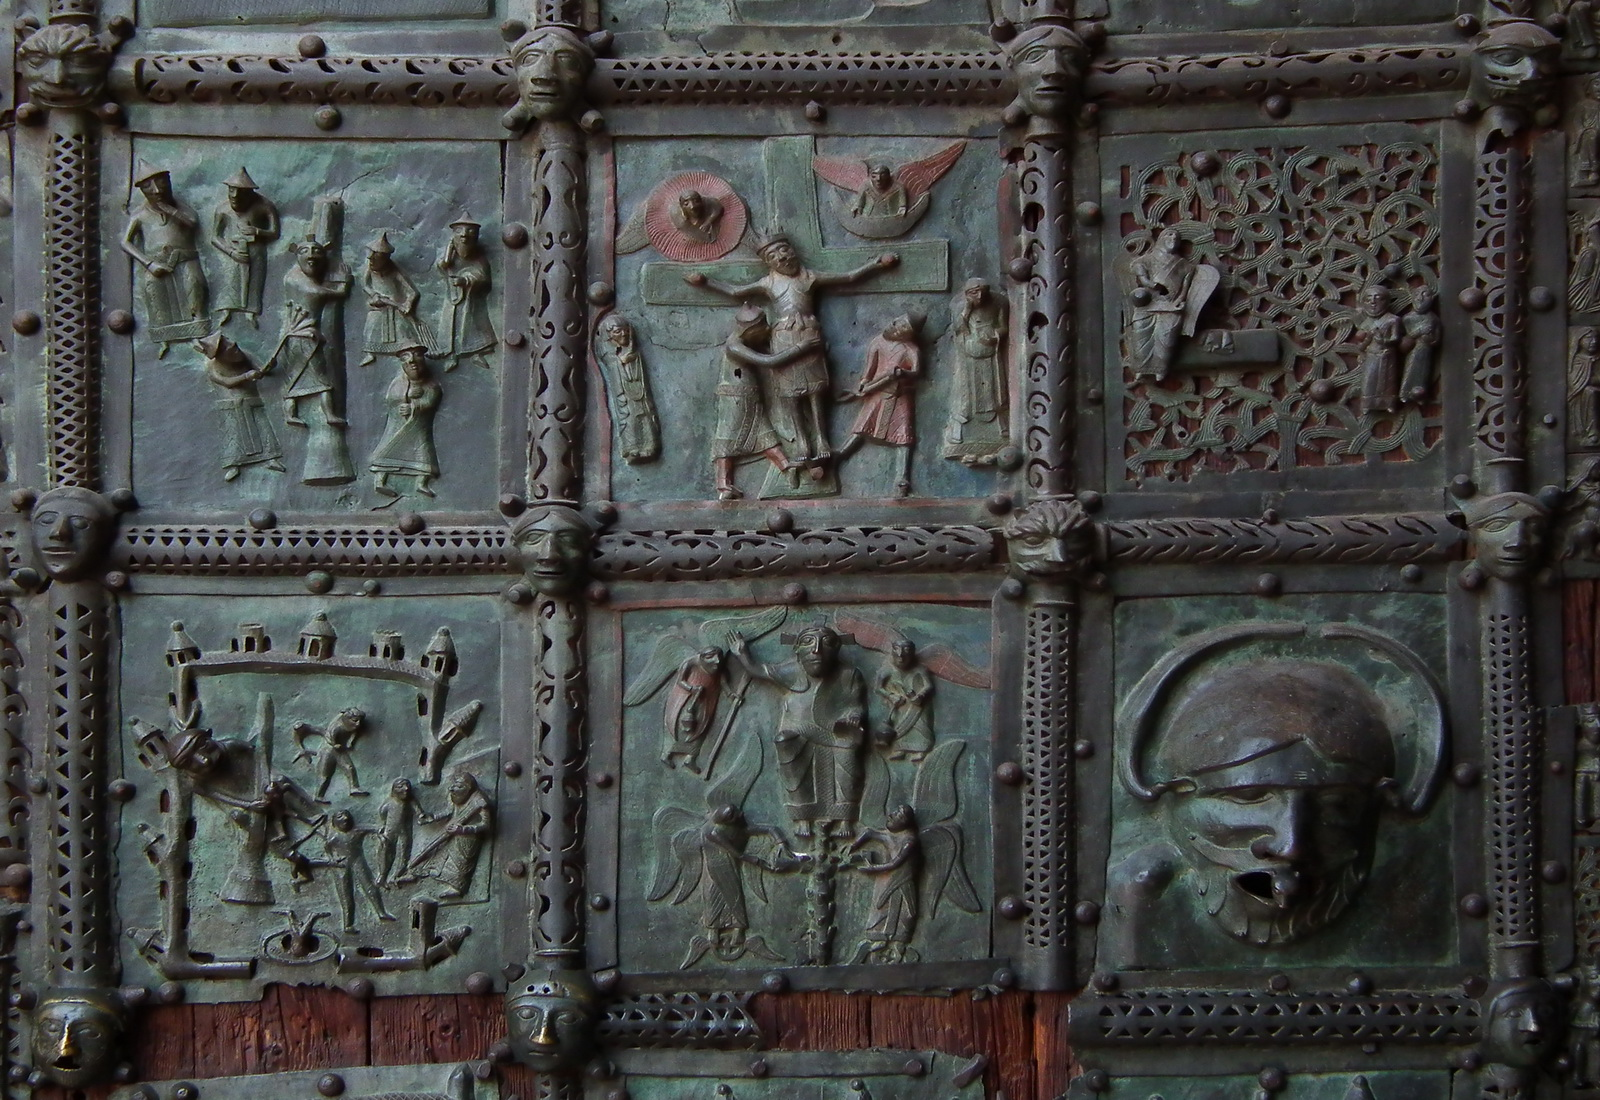 FileVerona Basilica di San Zeno bronze door 012.JPG & File:Verona Basilica di San Zeno bronze door 012.JPG - Wikimedia ...